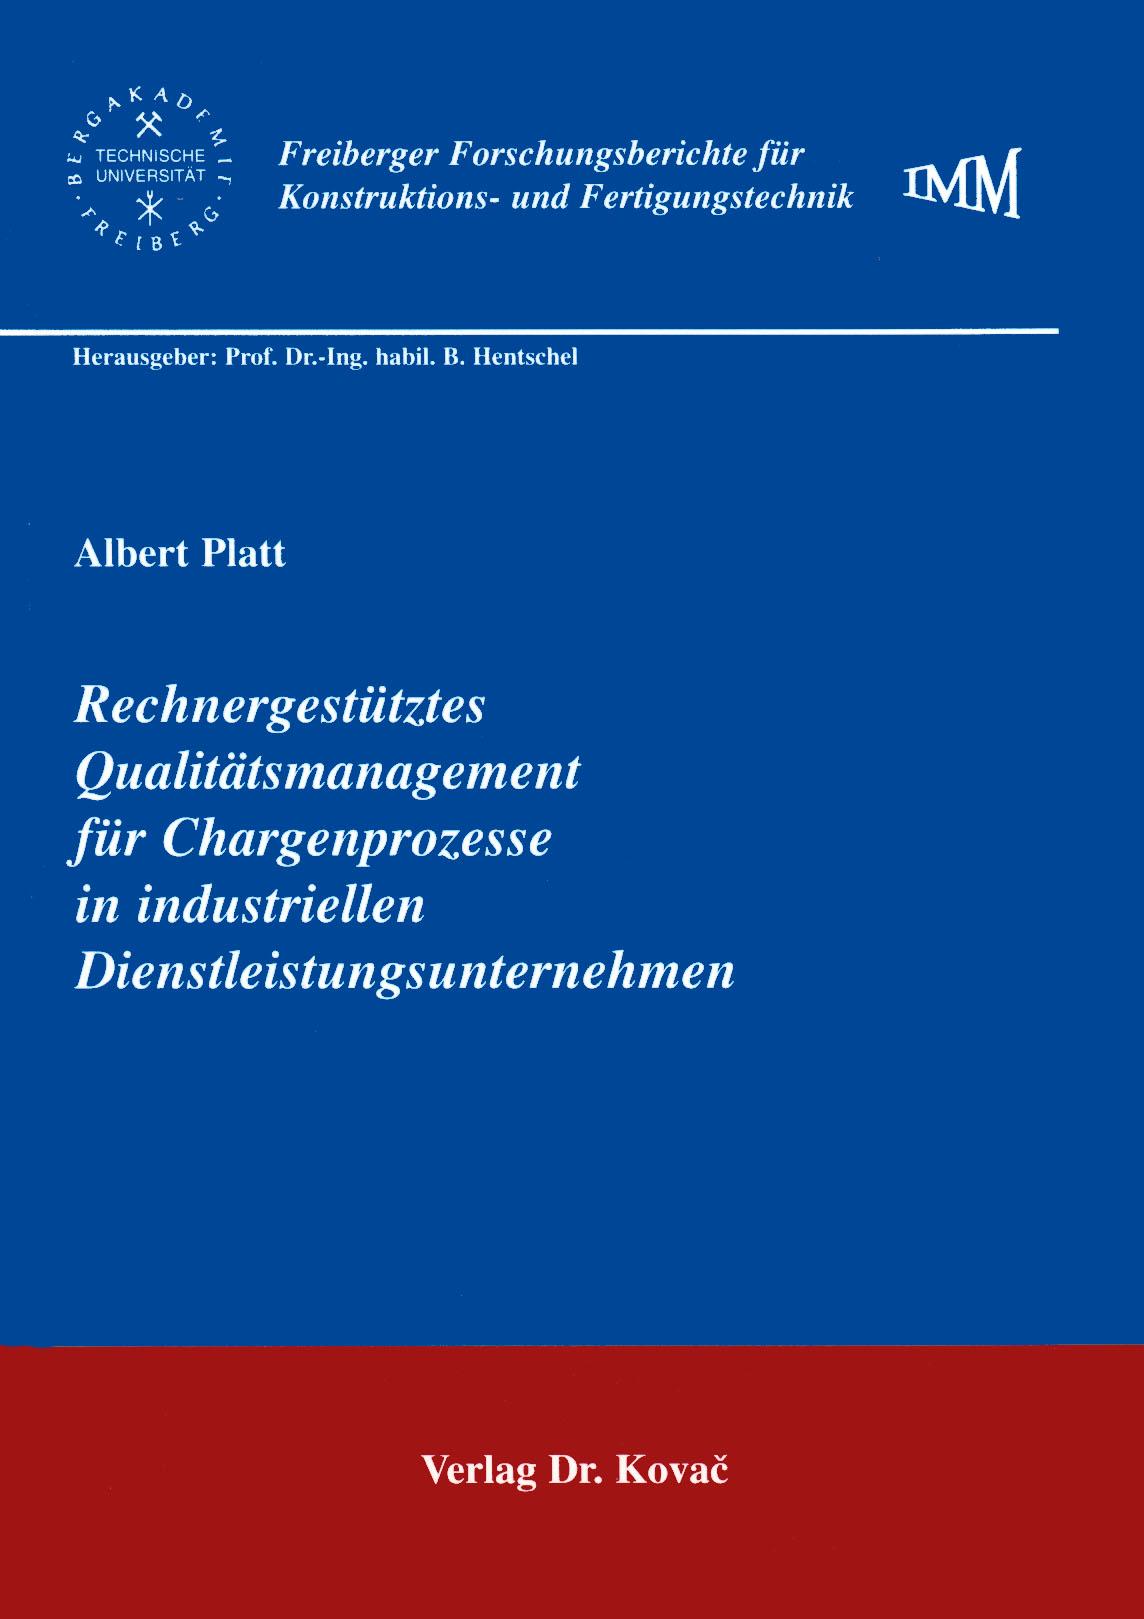 Cover: Rechnergestütztes Qualitätsmanagement für Chargenprozesse in industriellen Dienstleistungsunternehmen